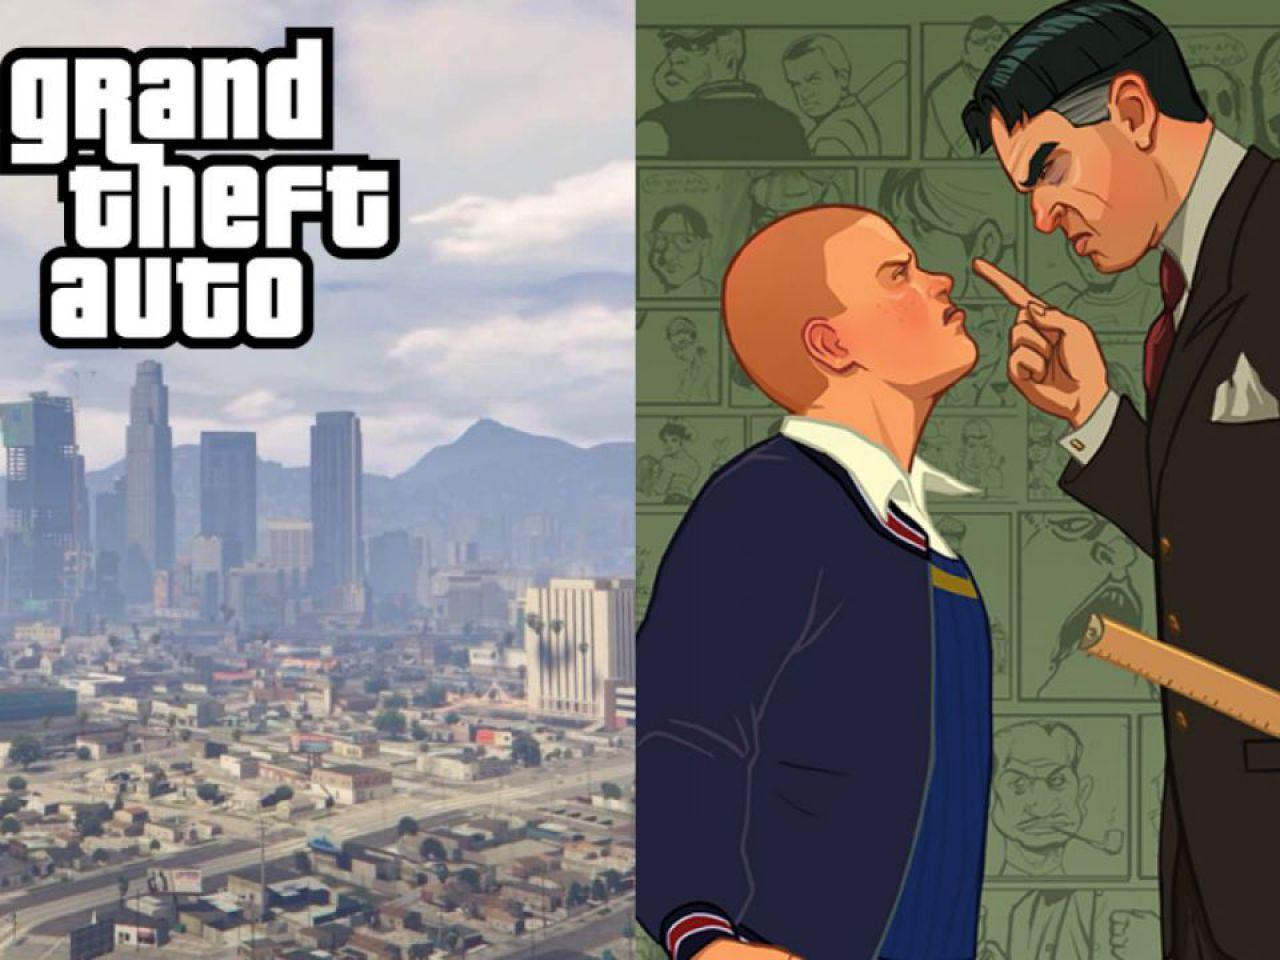 Rockstar lavora a due giochi open world: GTA 6 e Bully 2 per PS5 e Xbox  Scarlett?